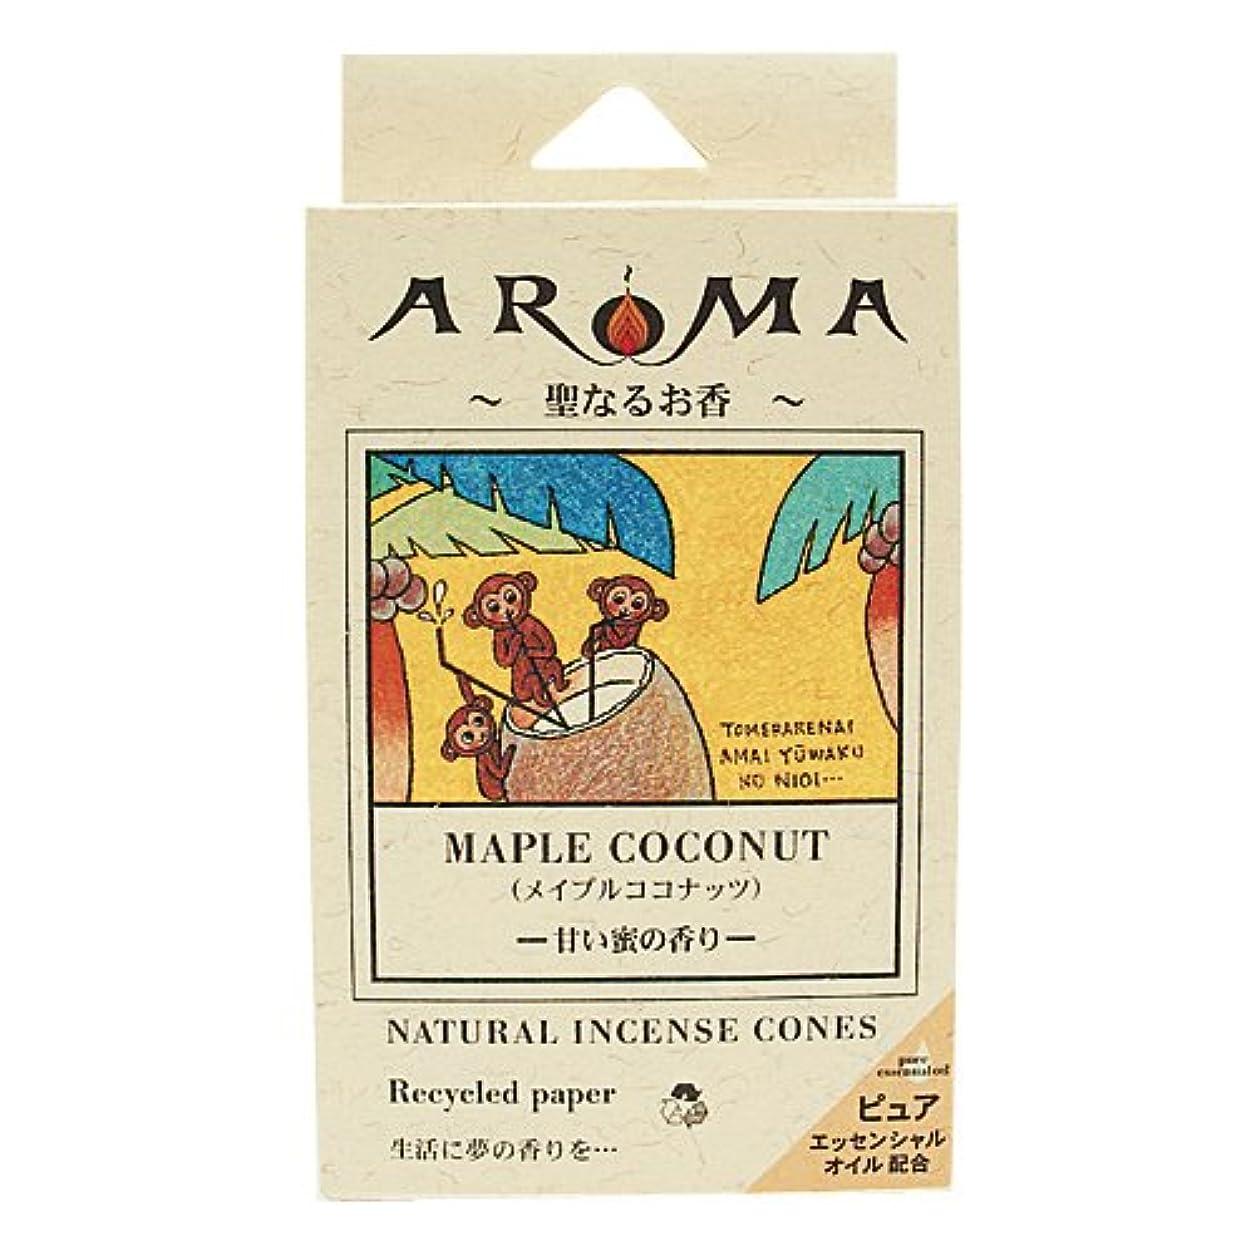 伝導率自発書き込みアロマ香 ココナッツ 16粒(コーンタイプインセンス 1粒の燃焼時間約20分 甘い蜜の香り)